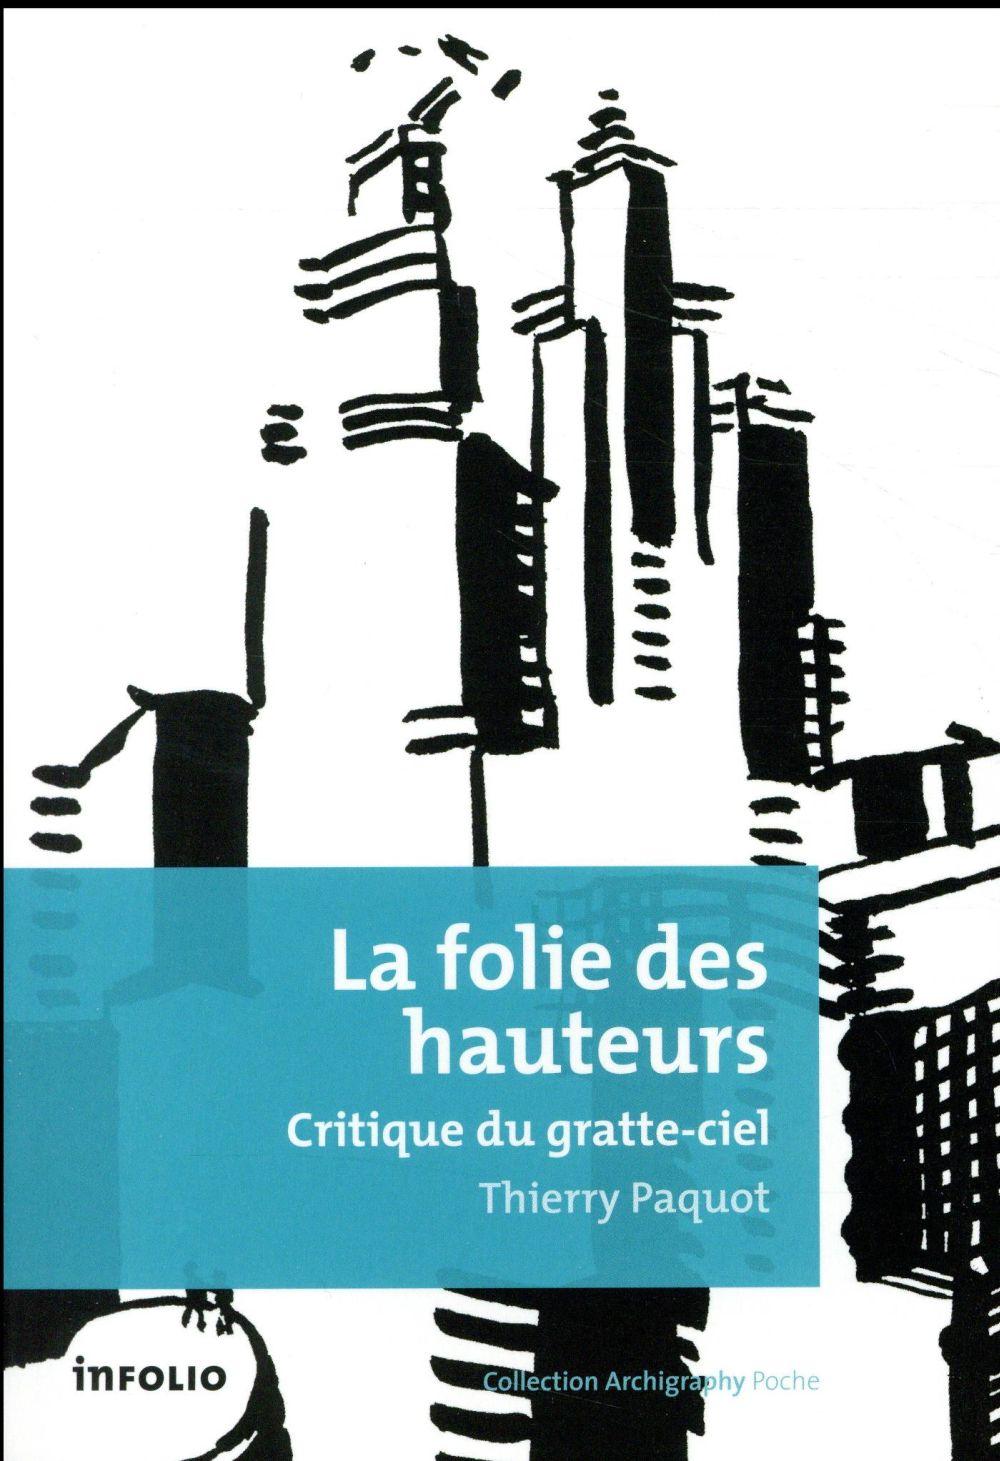 LA FOLIE DES HAUTEURS - CRITIQUE DU GRATTE-CIEL